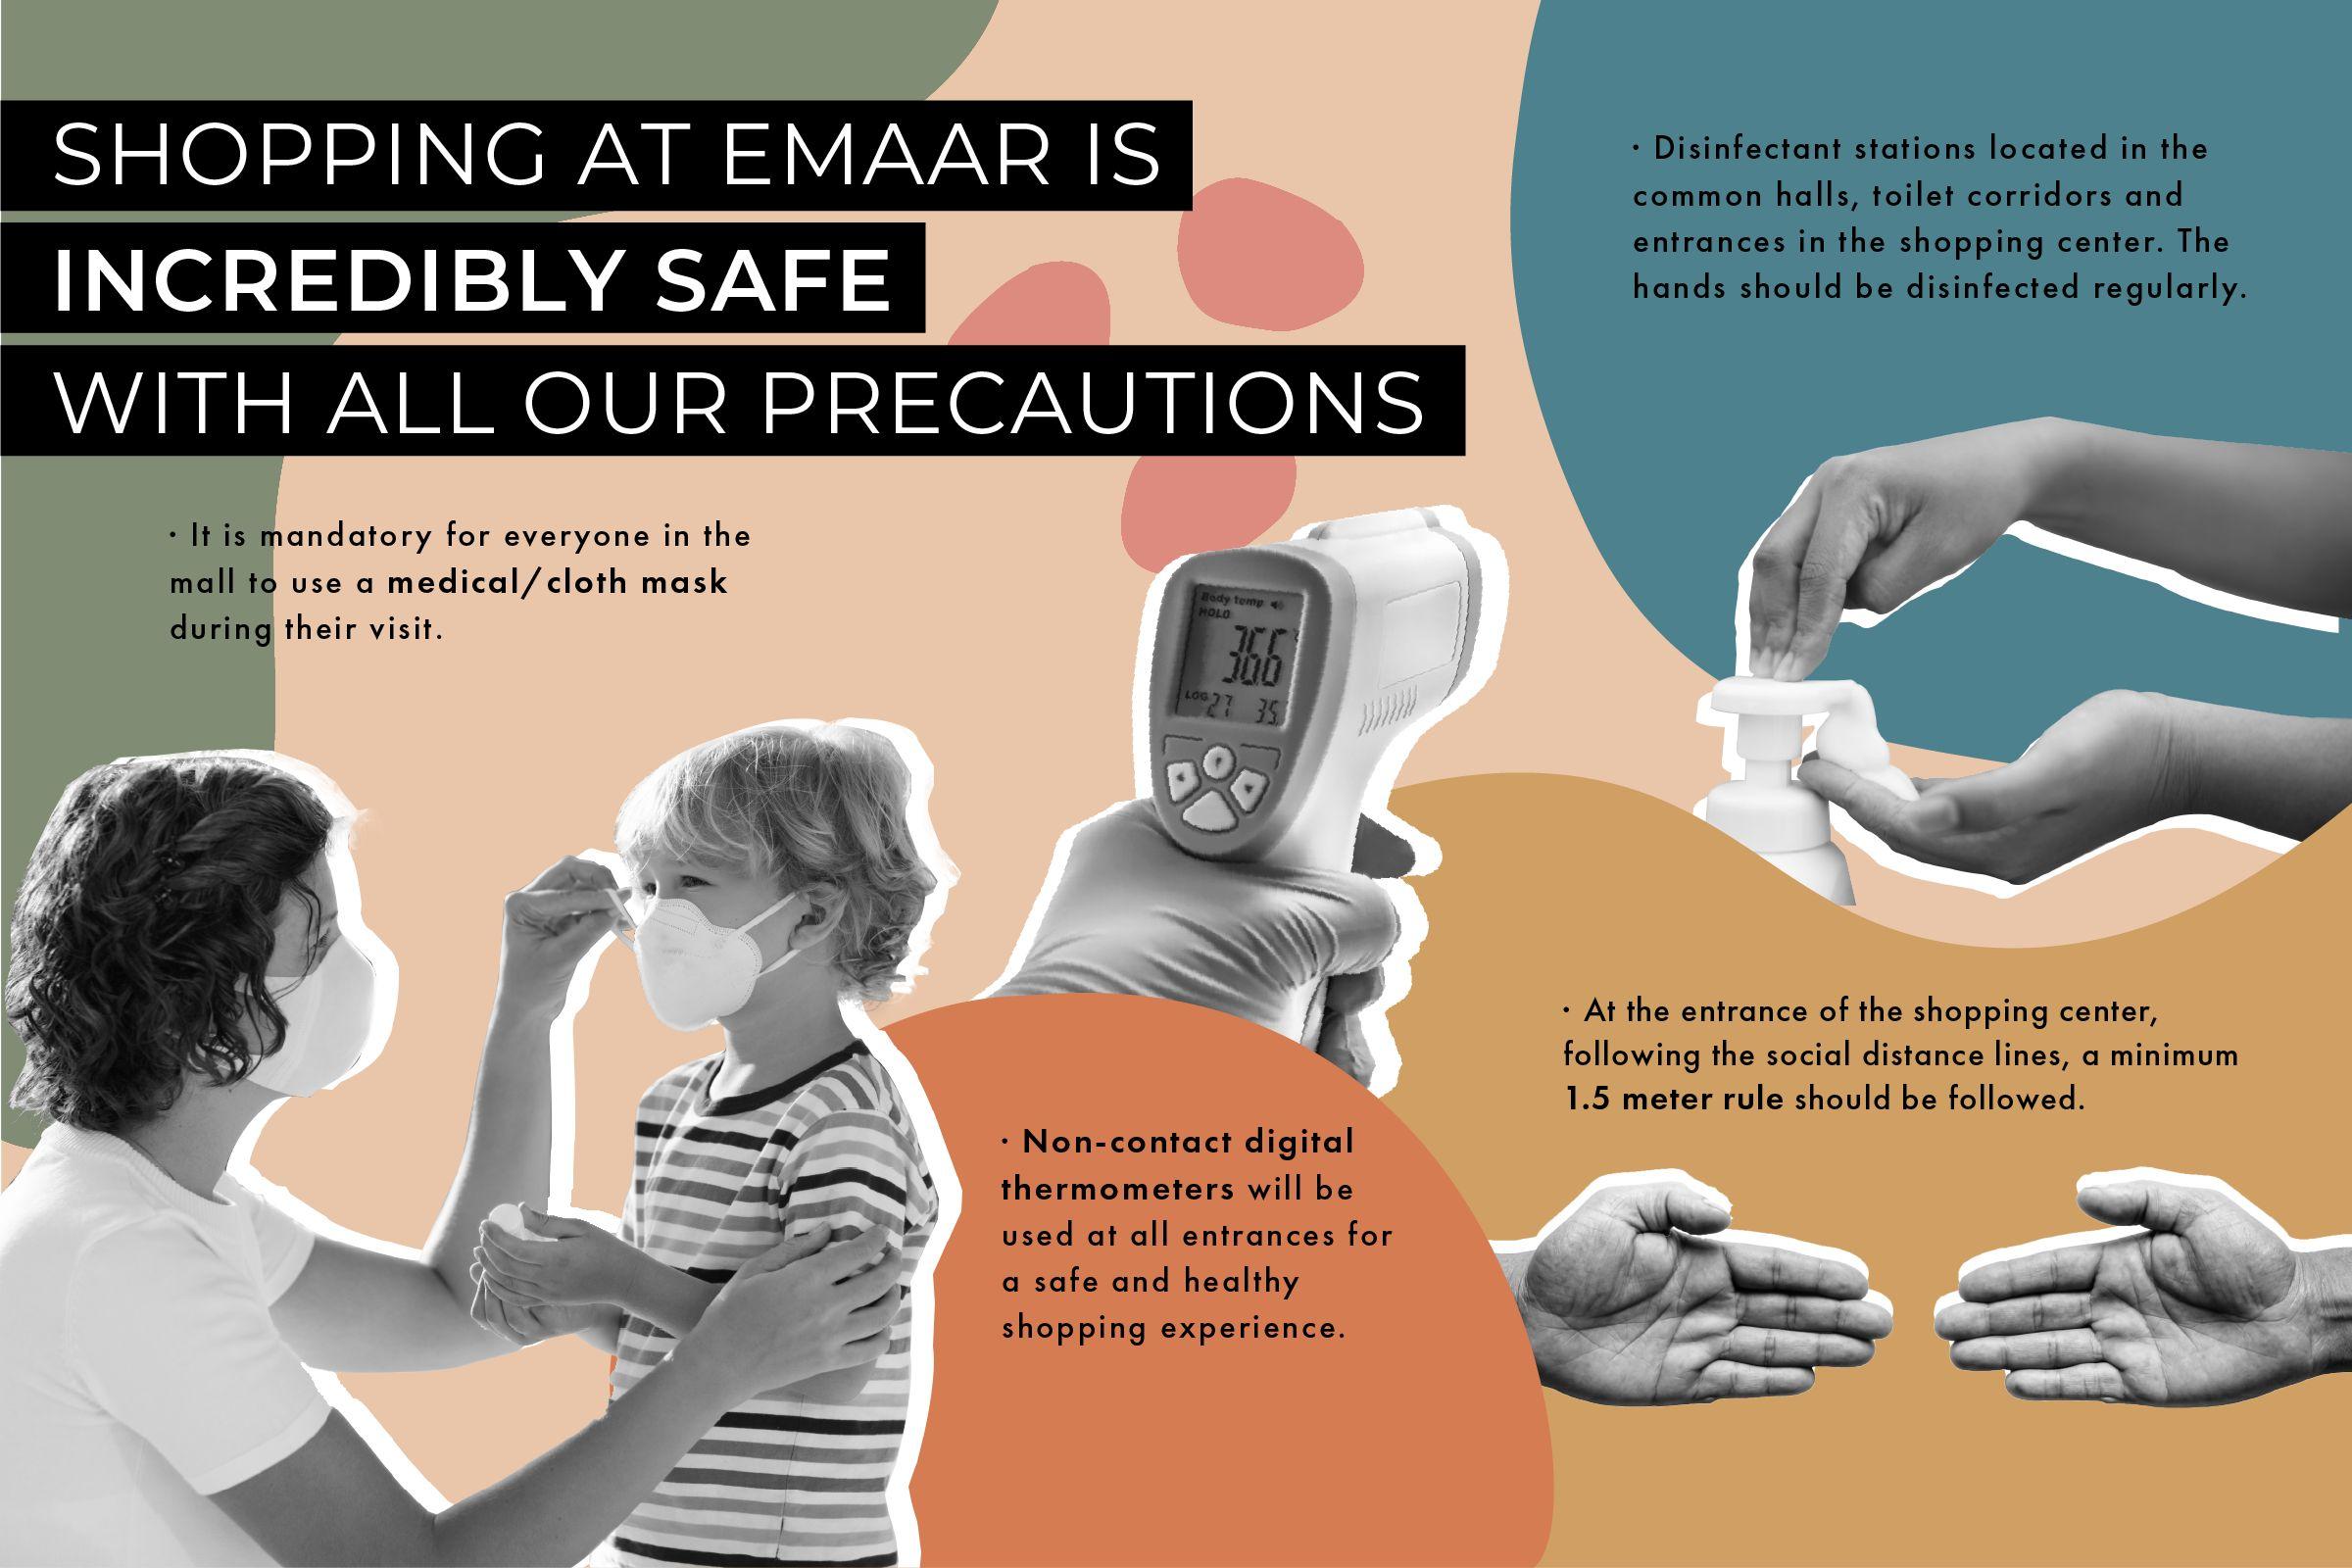 Tüm Önlemlerimizle Emaar'da Alışveriş Çok Güvenli!